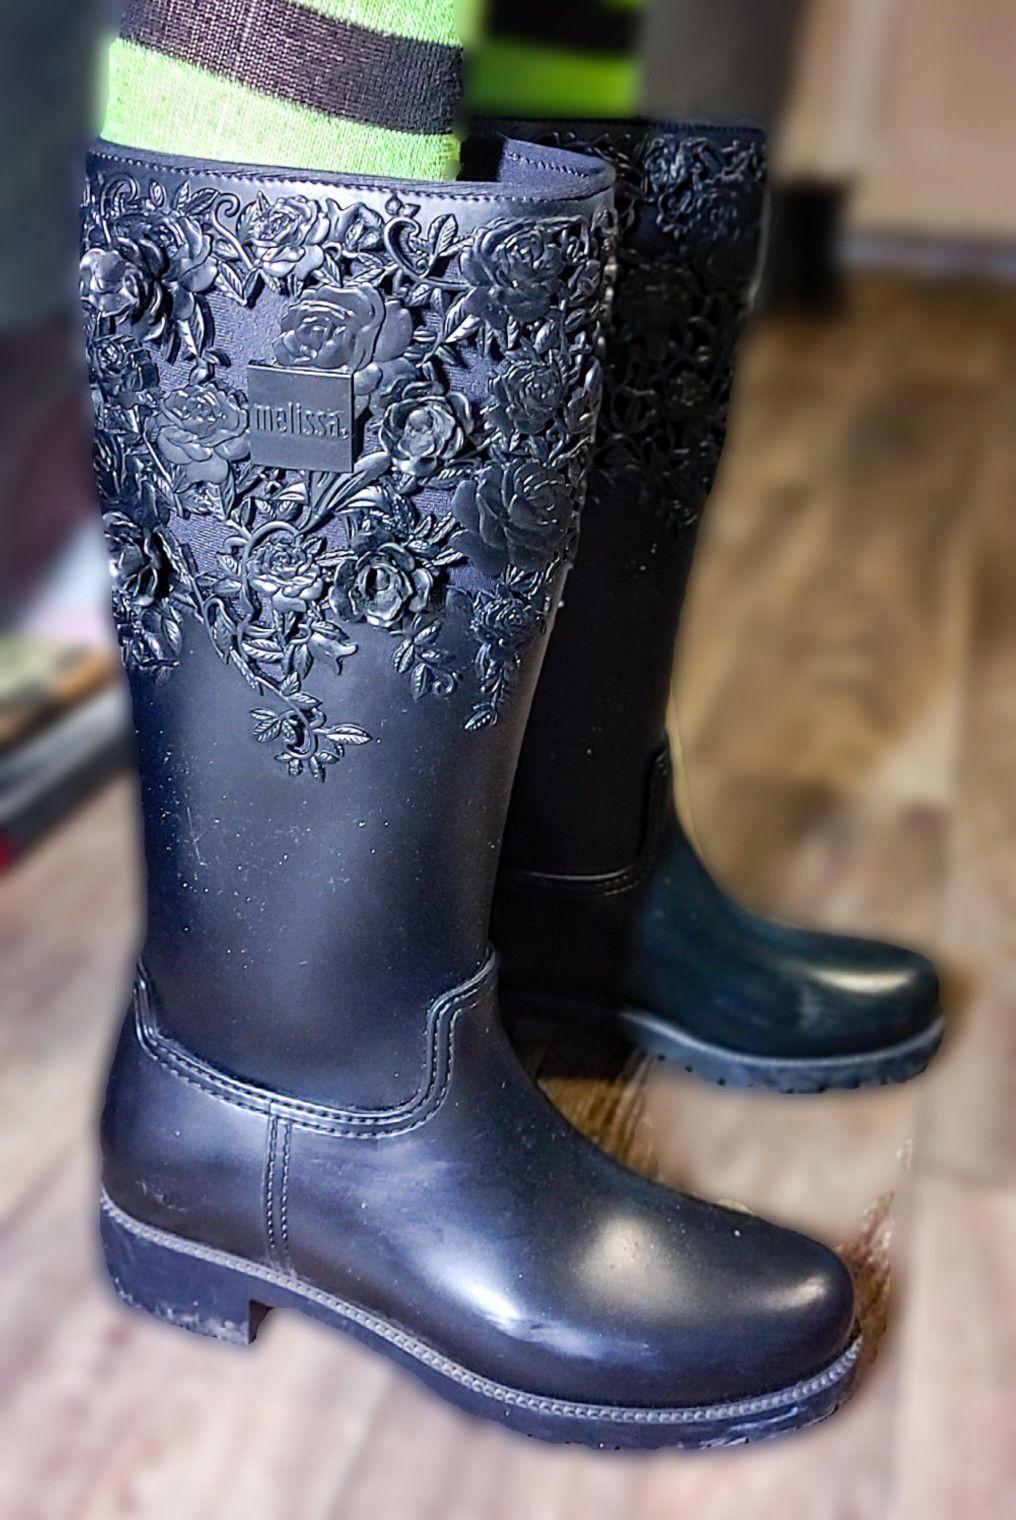 Melissa Black Rubber Rain boots Size 10.